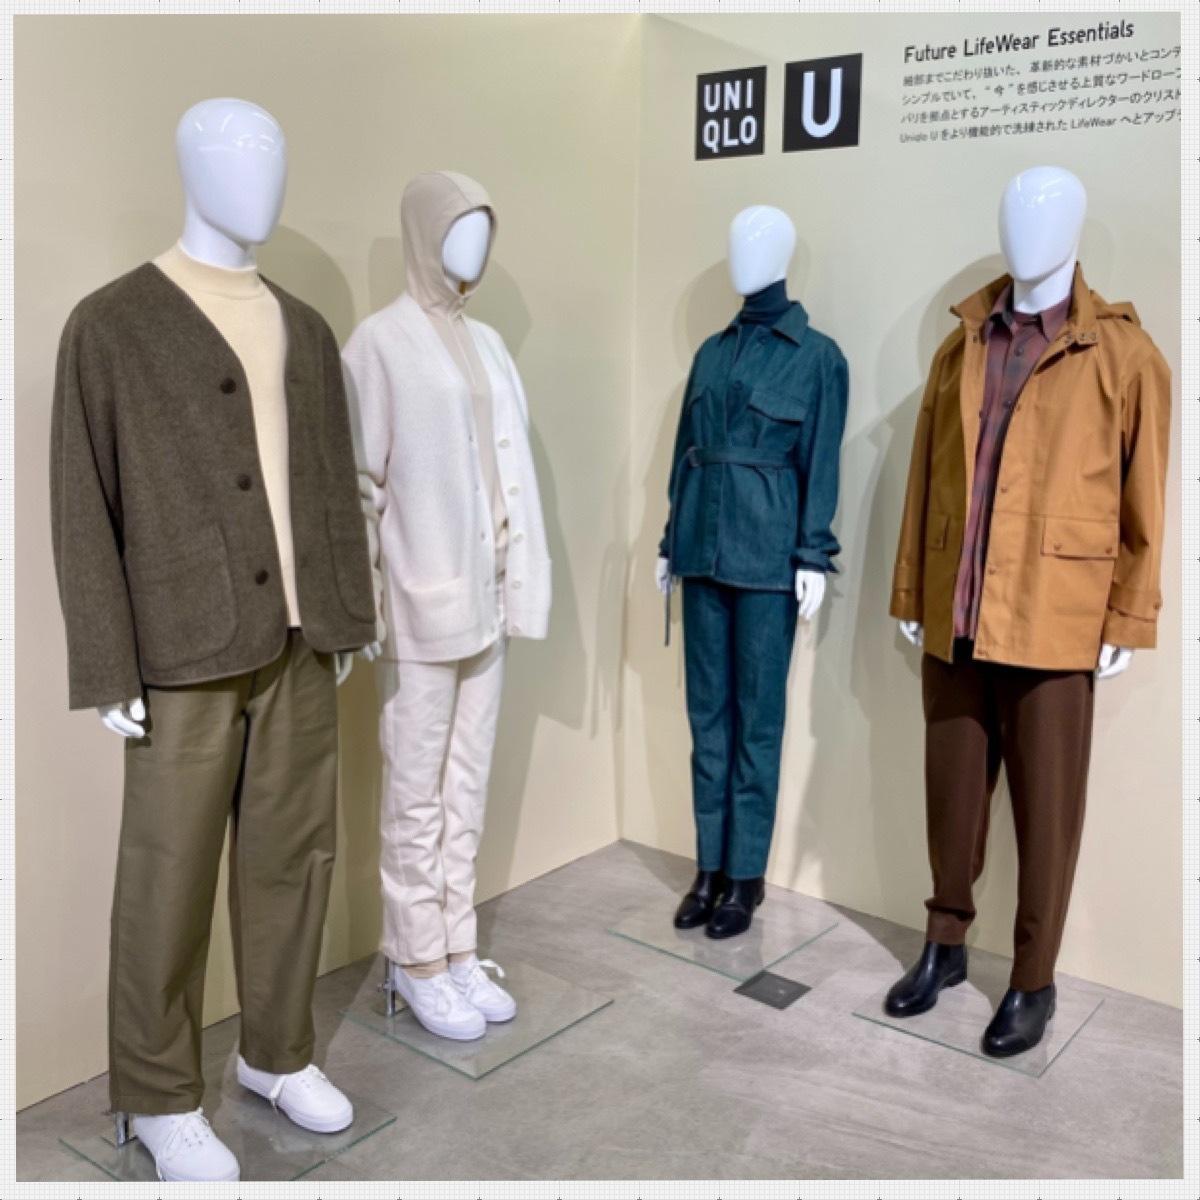 ユニクロ UNIQLO 2021 2022 秋冬 展示会 レポート 新作 おすすめ ユニクロユー Uniqlo U